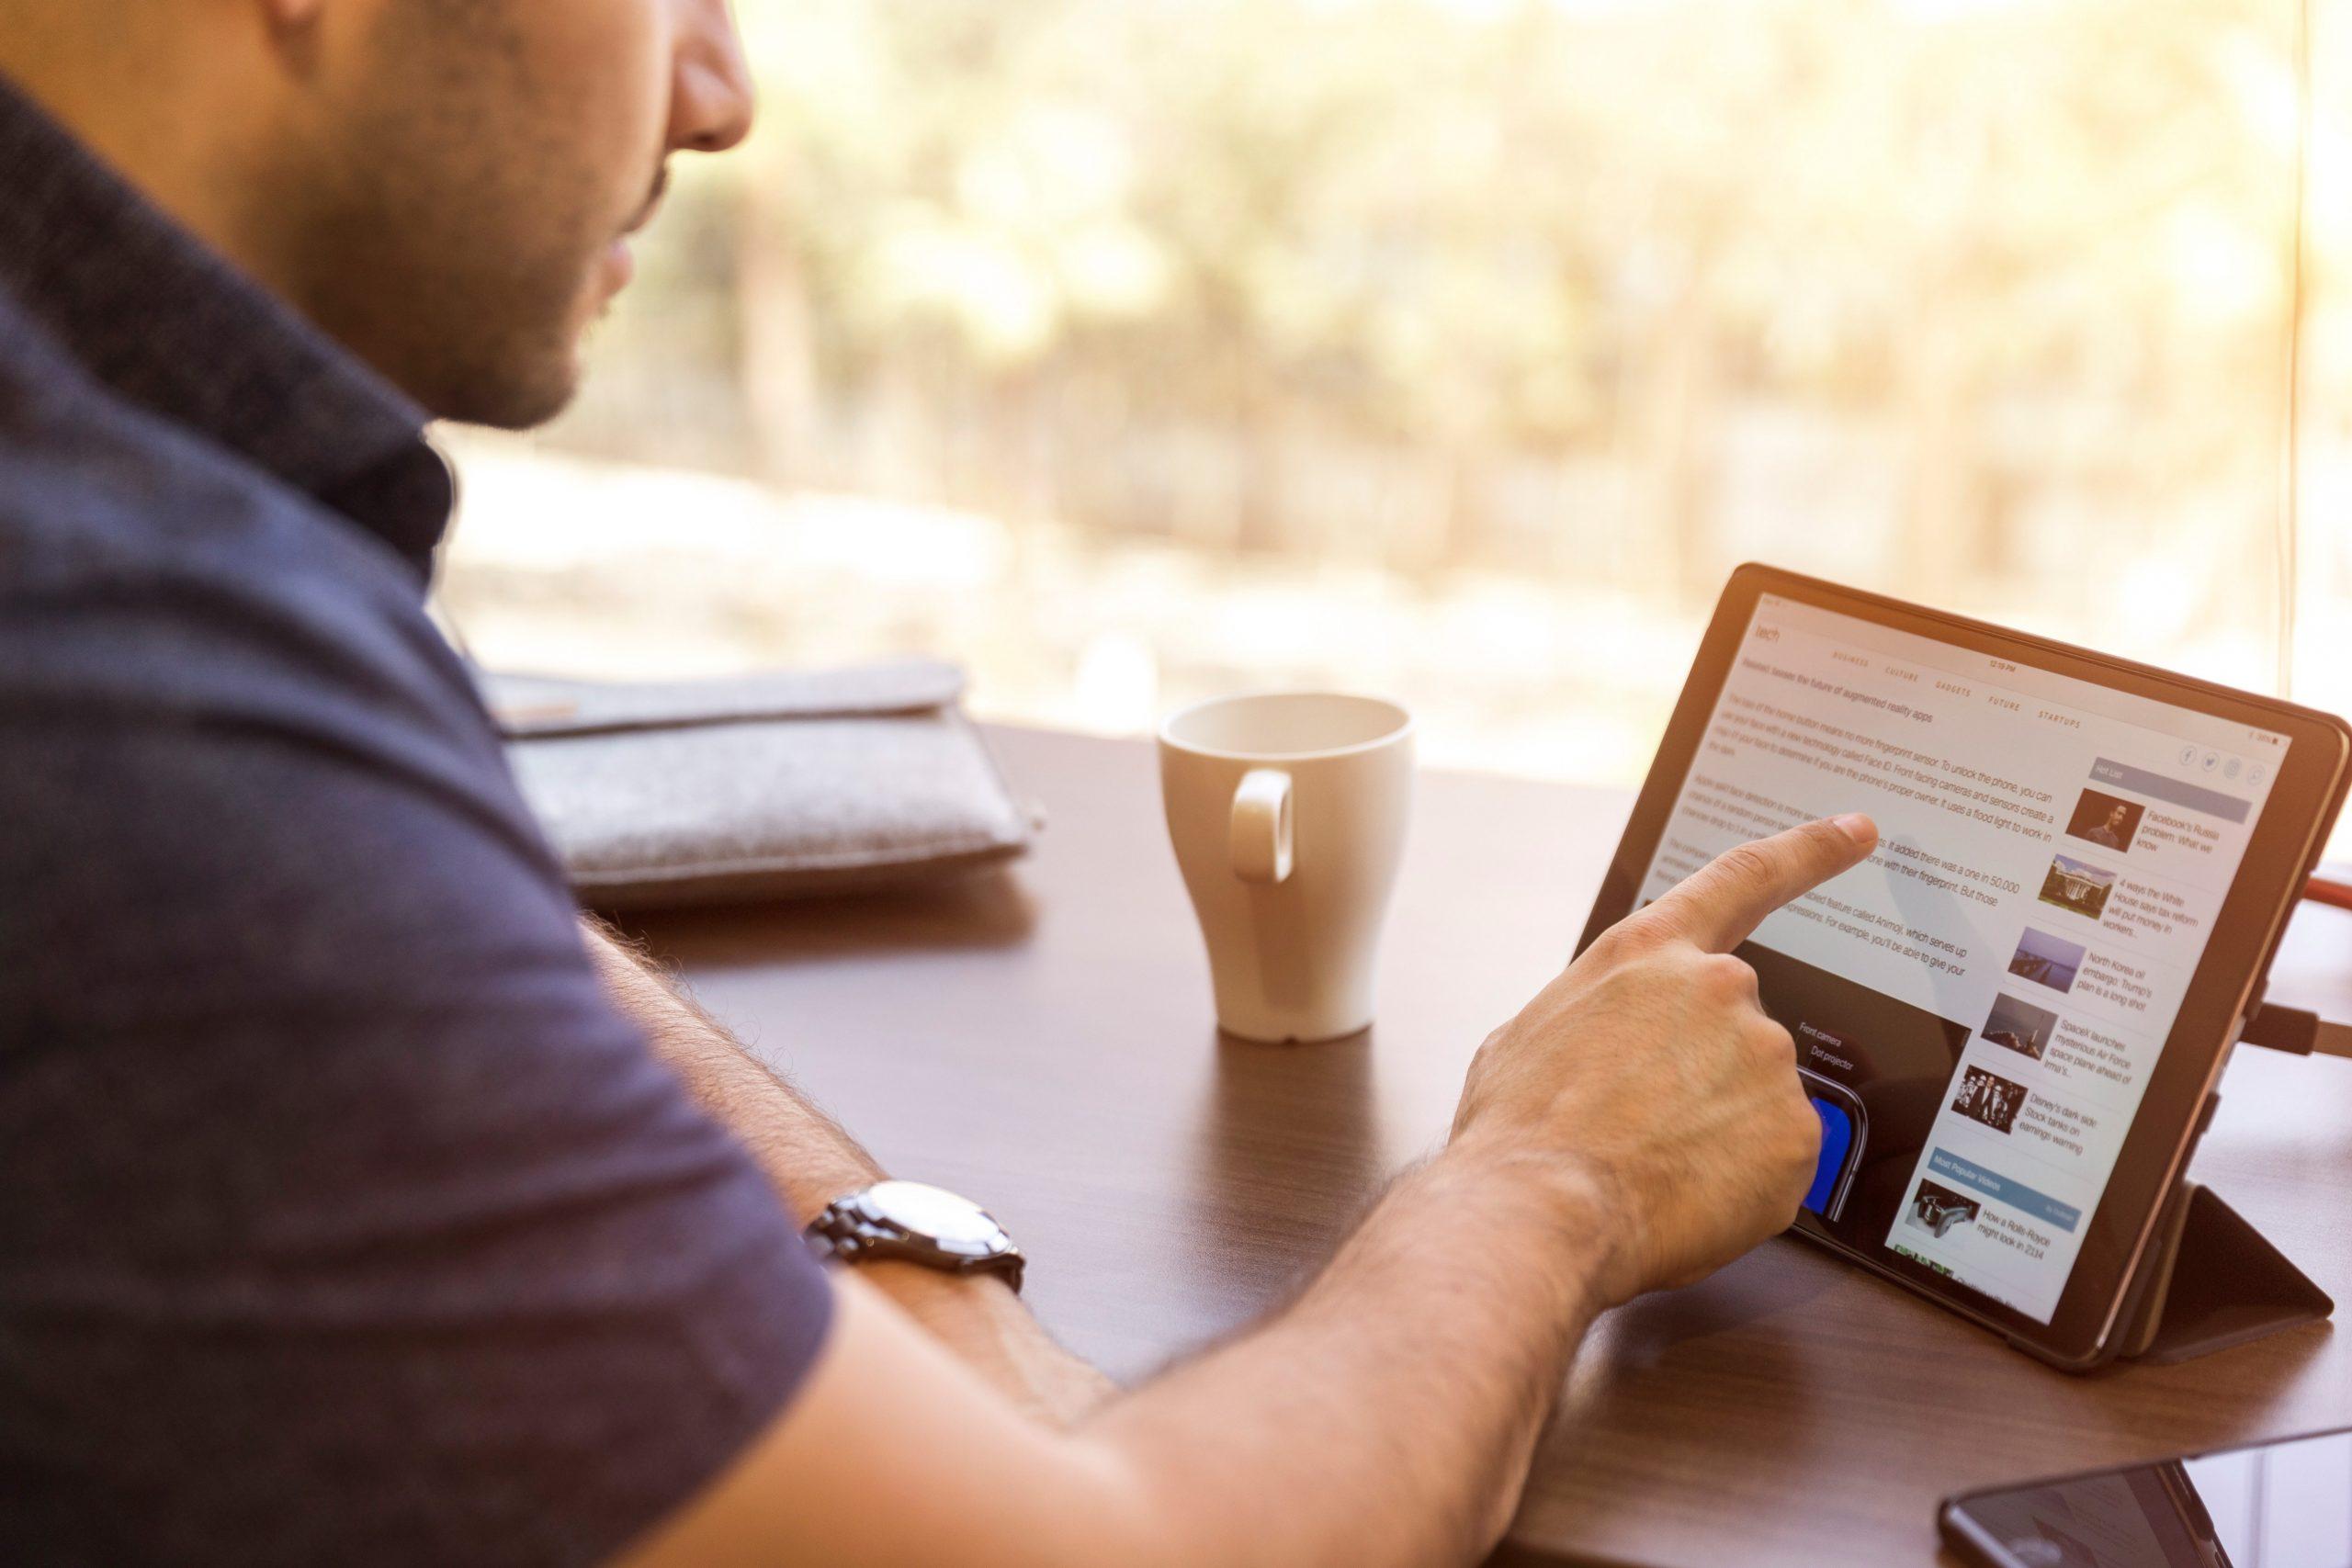 數位學習的最佳輔助角色 來自醫學院學生使用PDF Reader的用戶故事